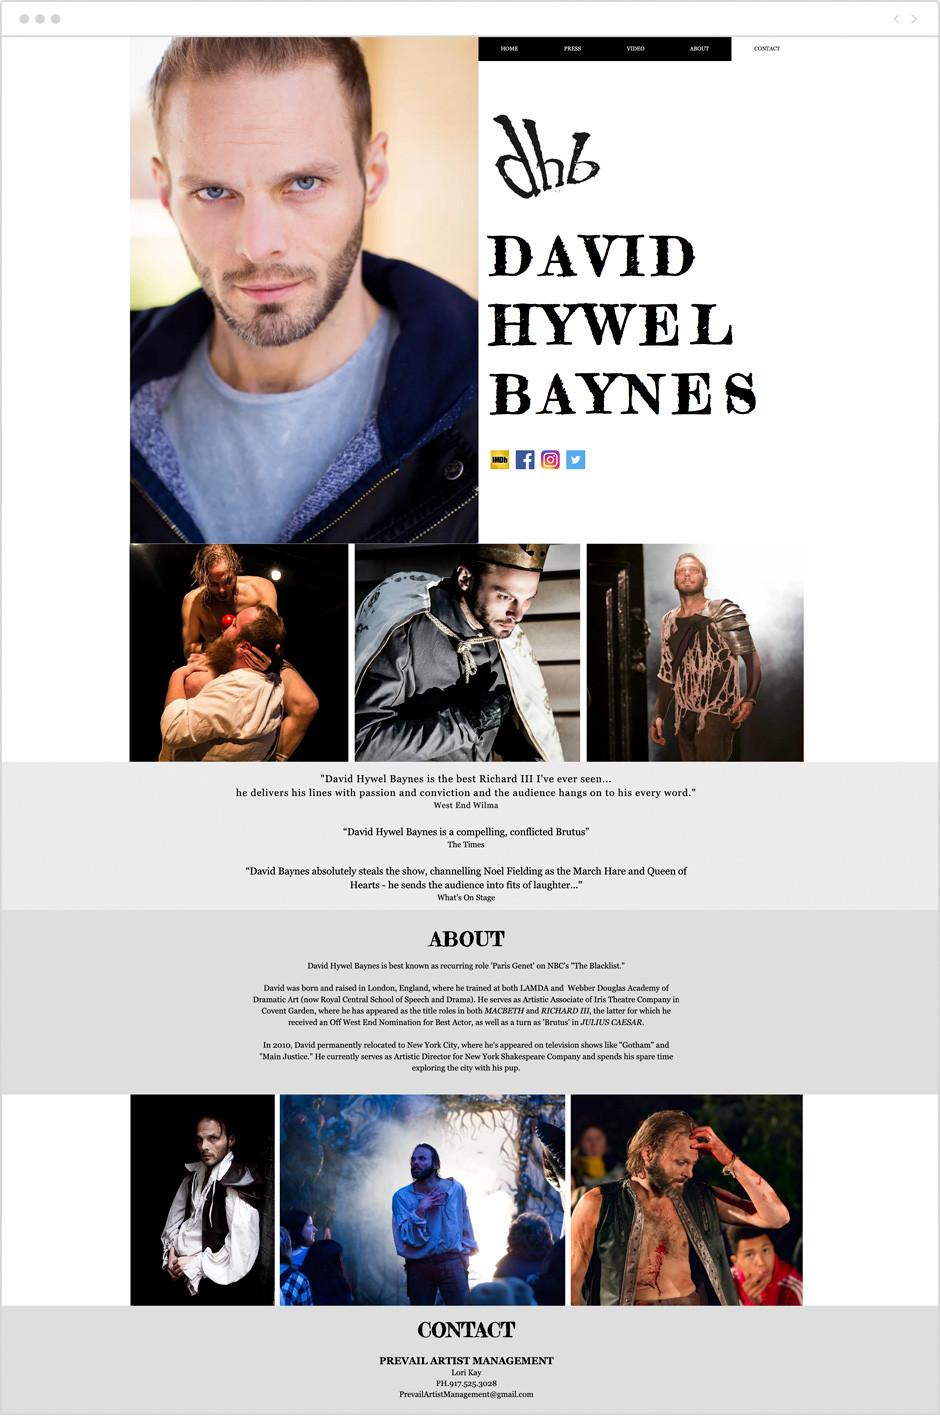 Actor website by David Hywel Baynes